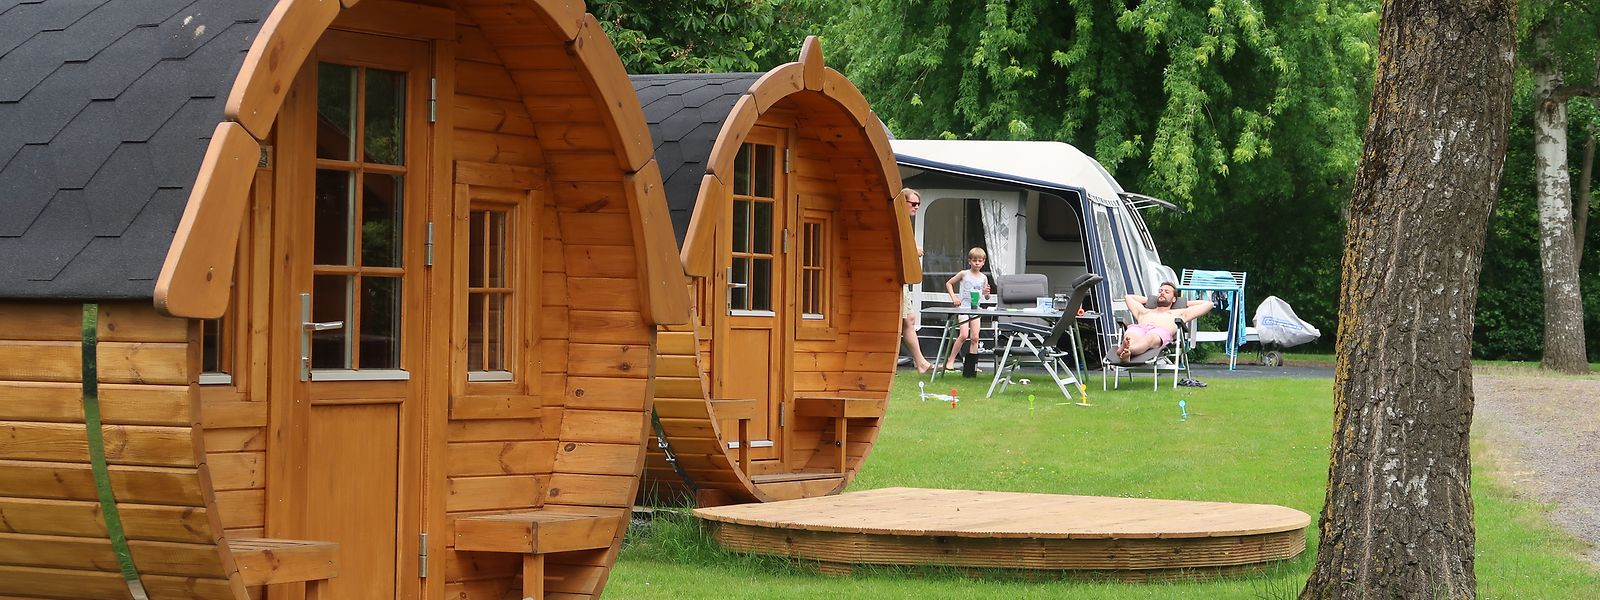 Der Campingplatz in Bleesbrück bietet so manche ungeahnte Annehmlichkeiten.